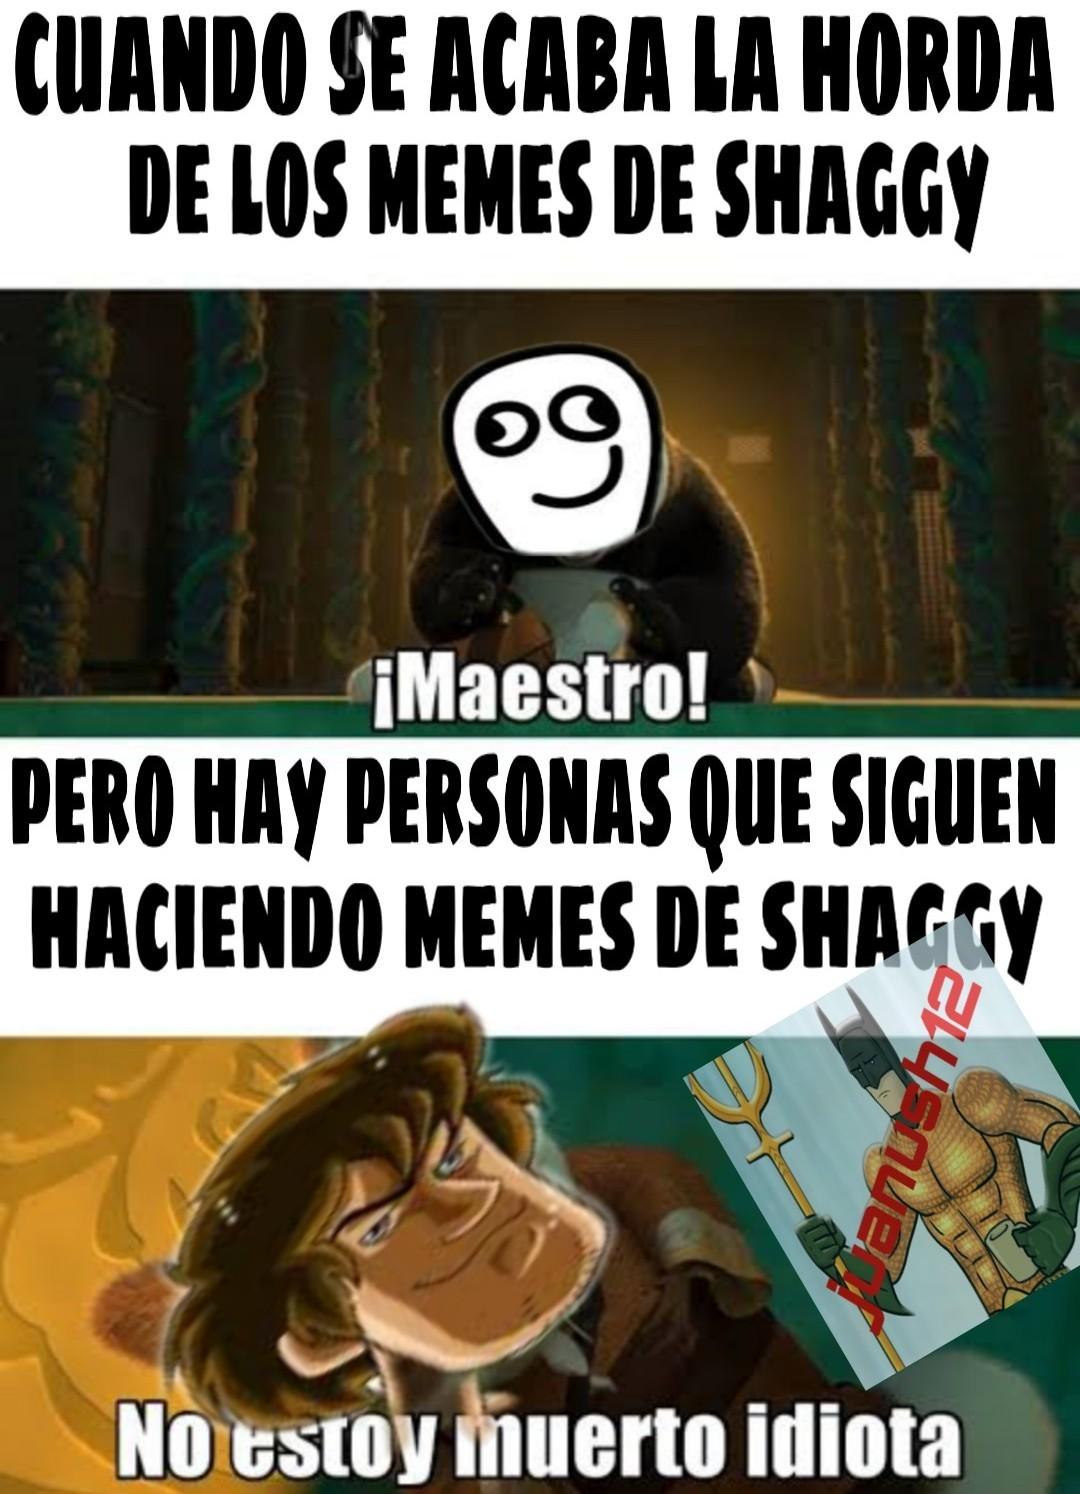 El titulo se suicido por los memes de shaggy